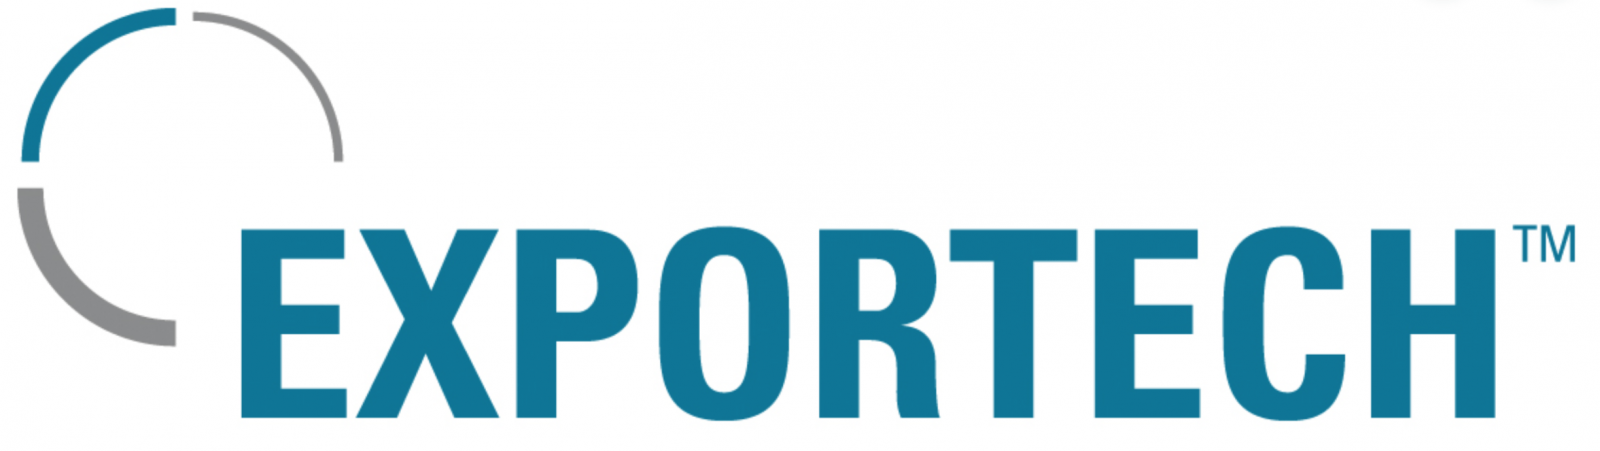 Exportech logo, a porogram of WMEP